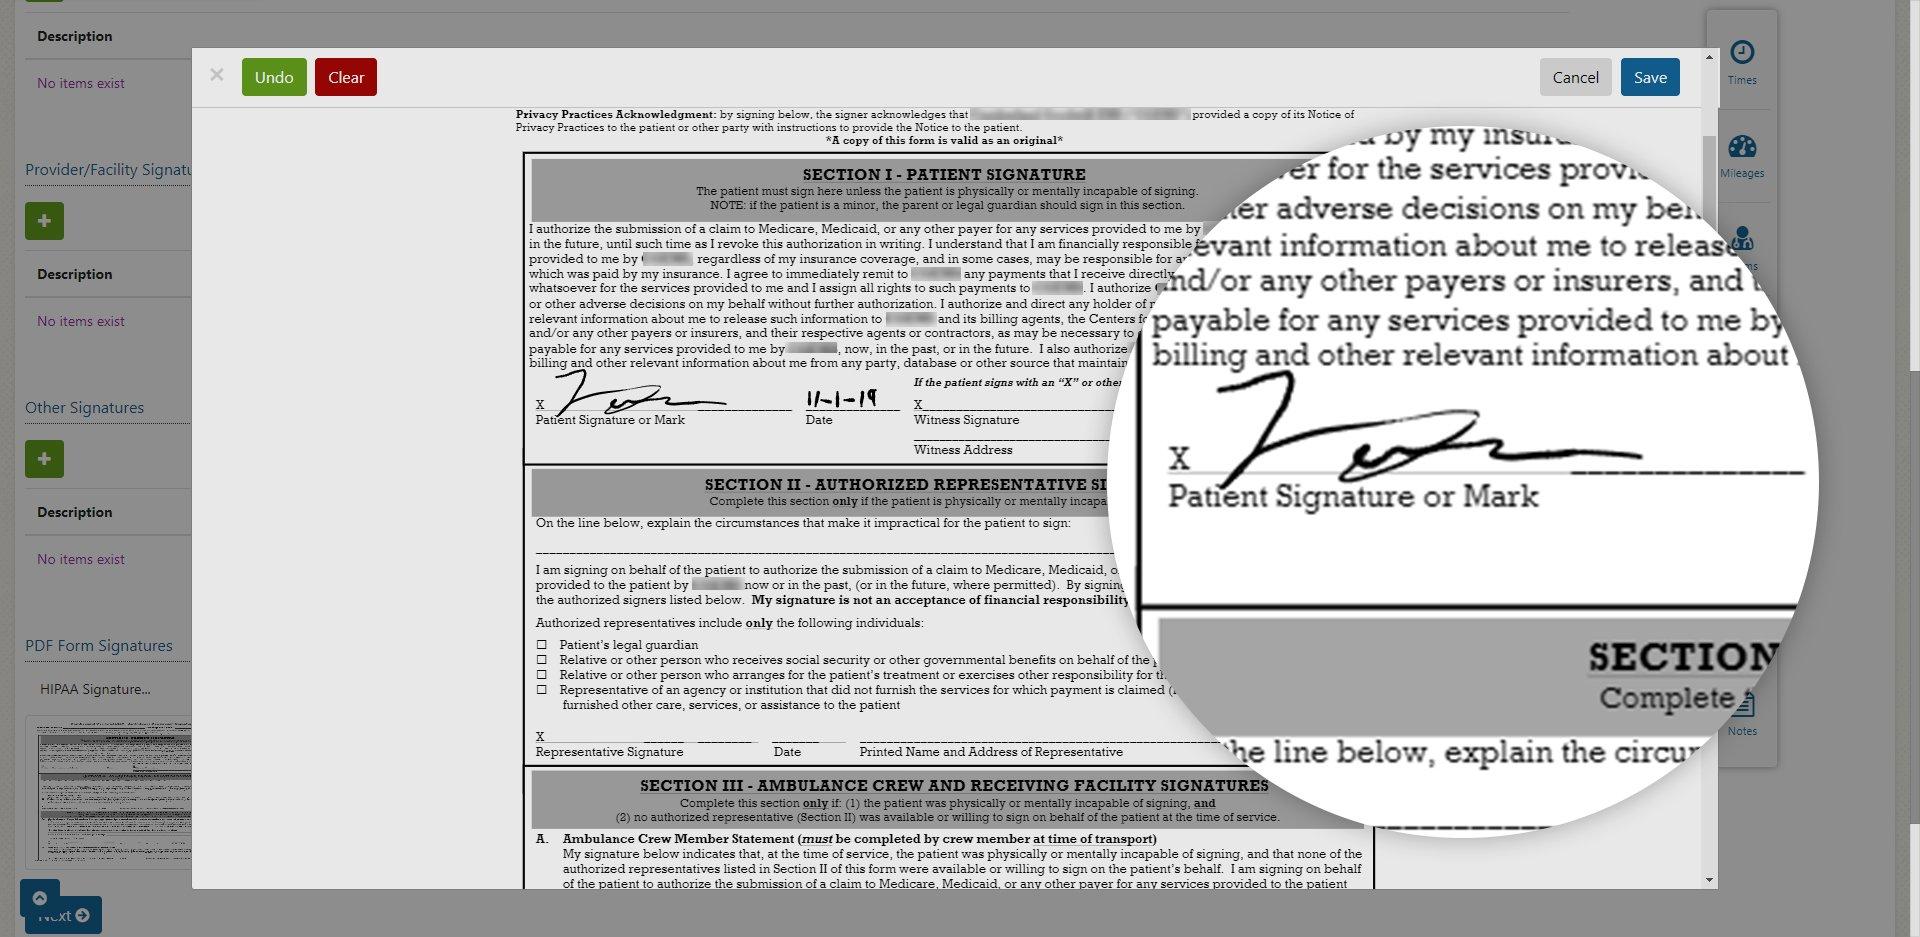 PDF Signatures